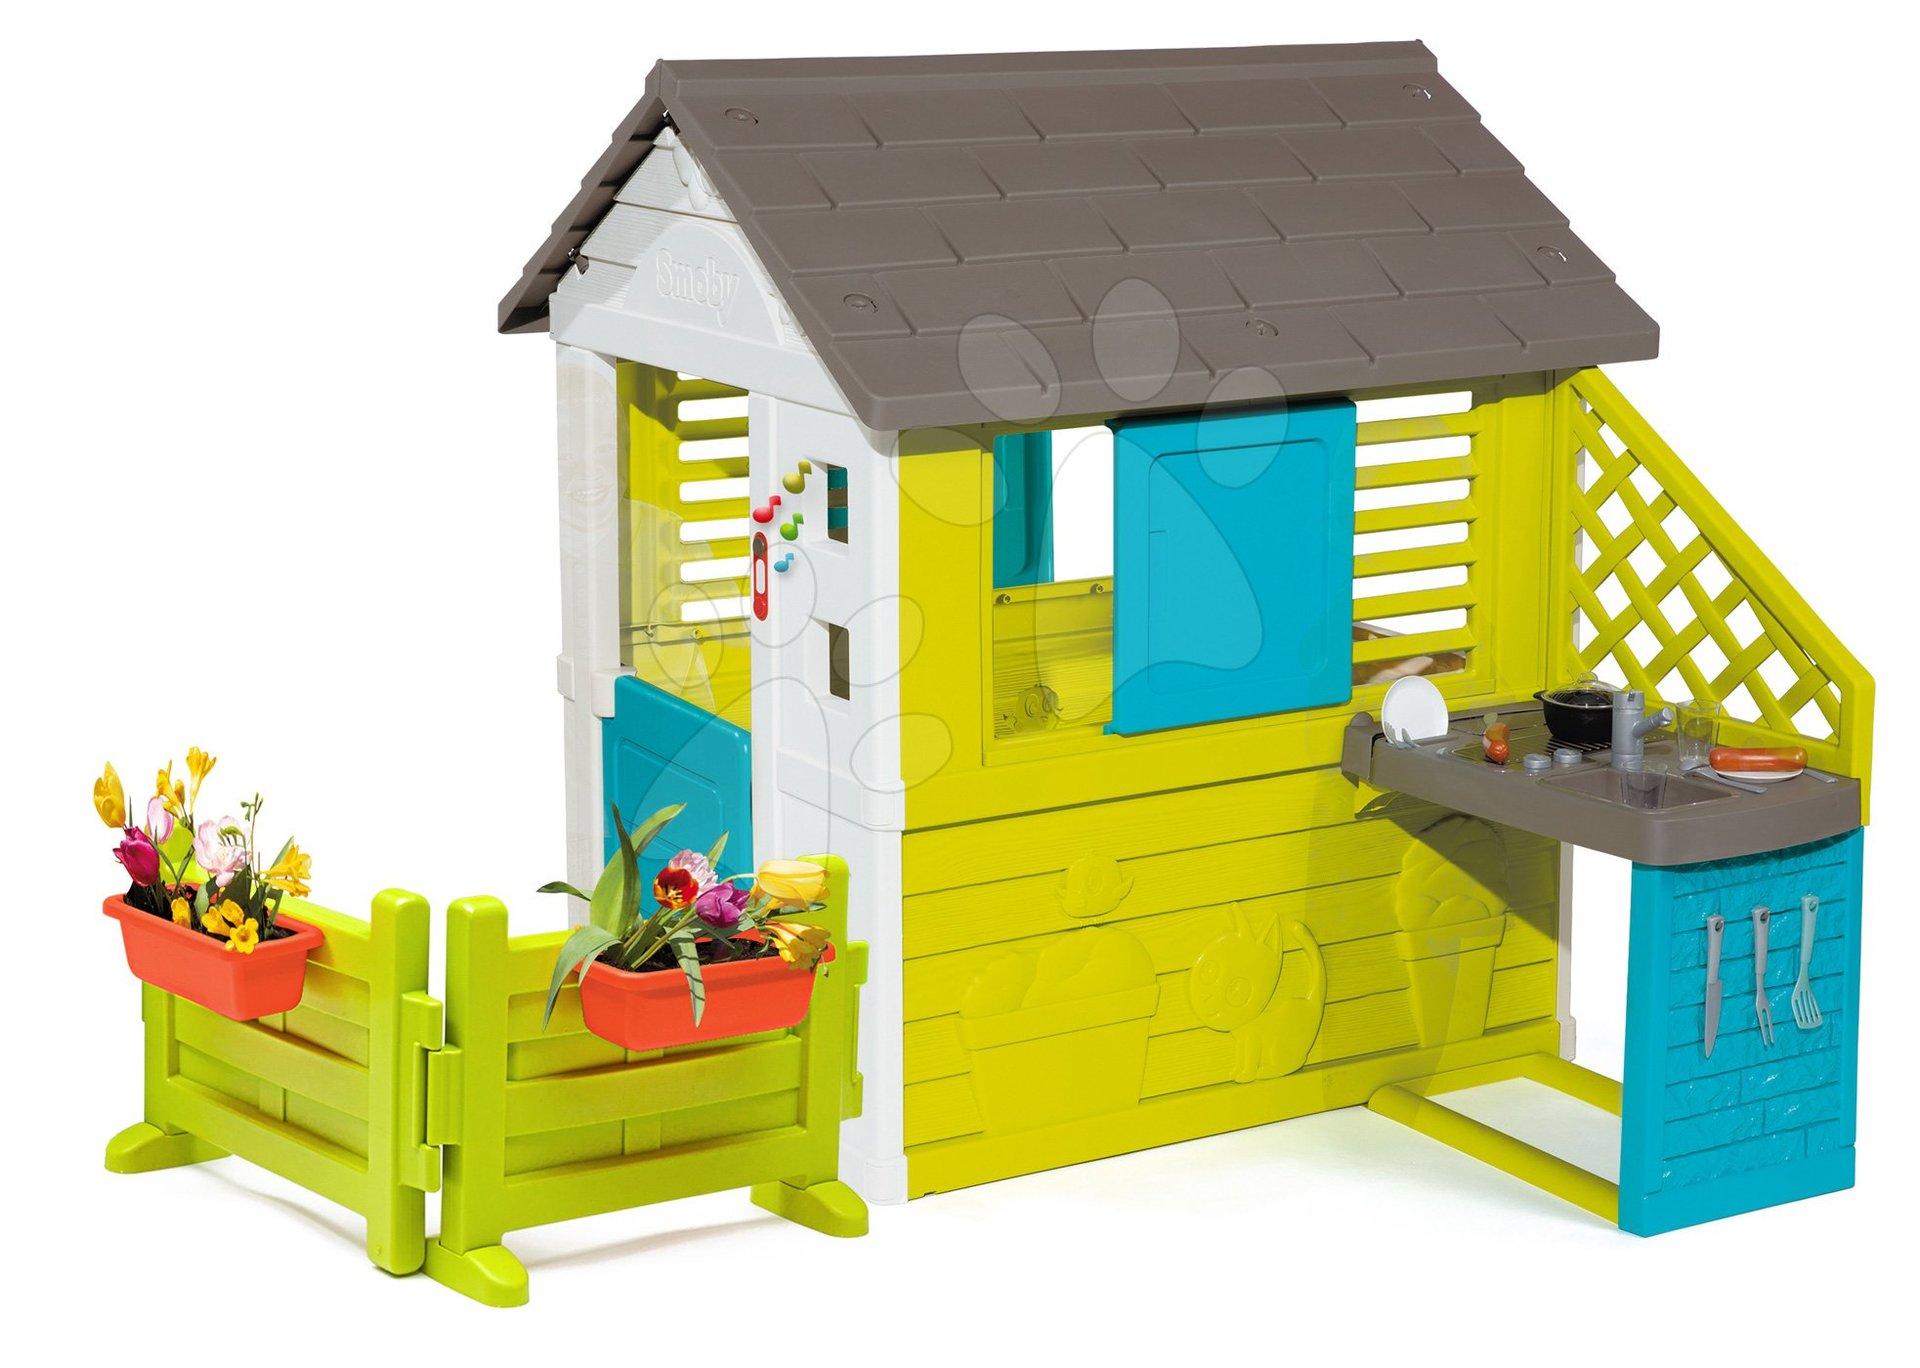 Domček s kuchynkou Pretty Blue Smoby modrý 3 okná a 2 žalúzie s okenicou so zvončekom a záhradkou od 24 mes